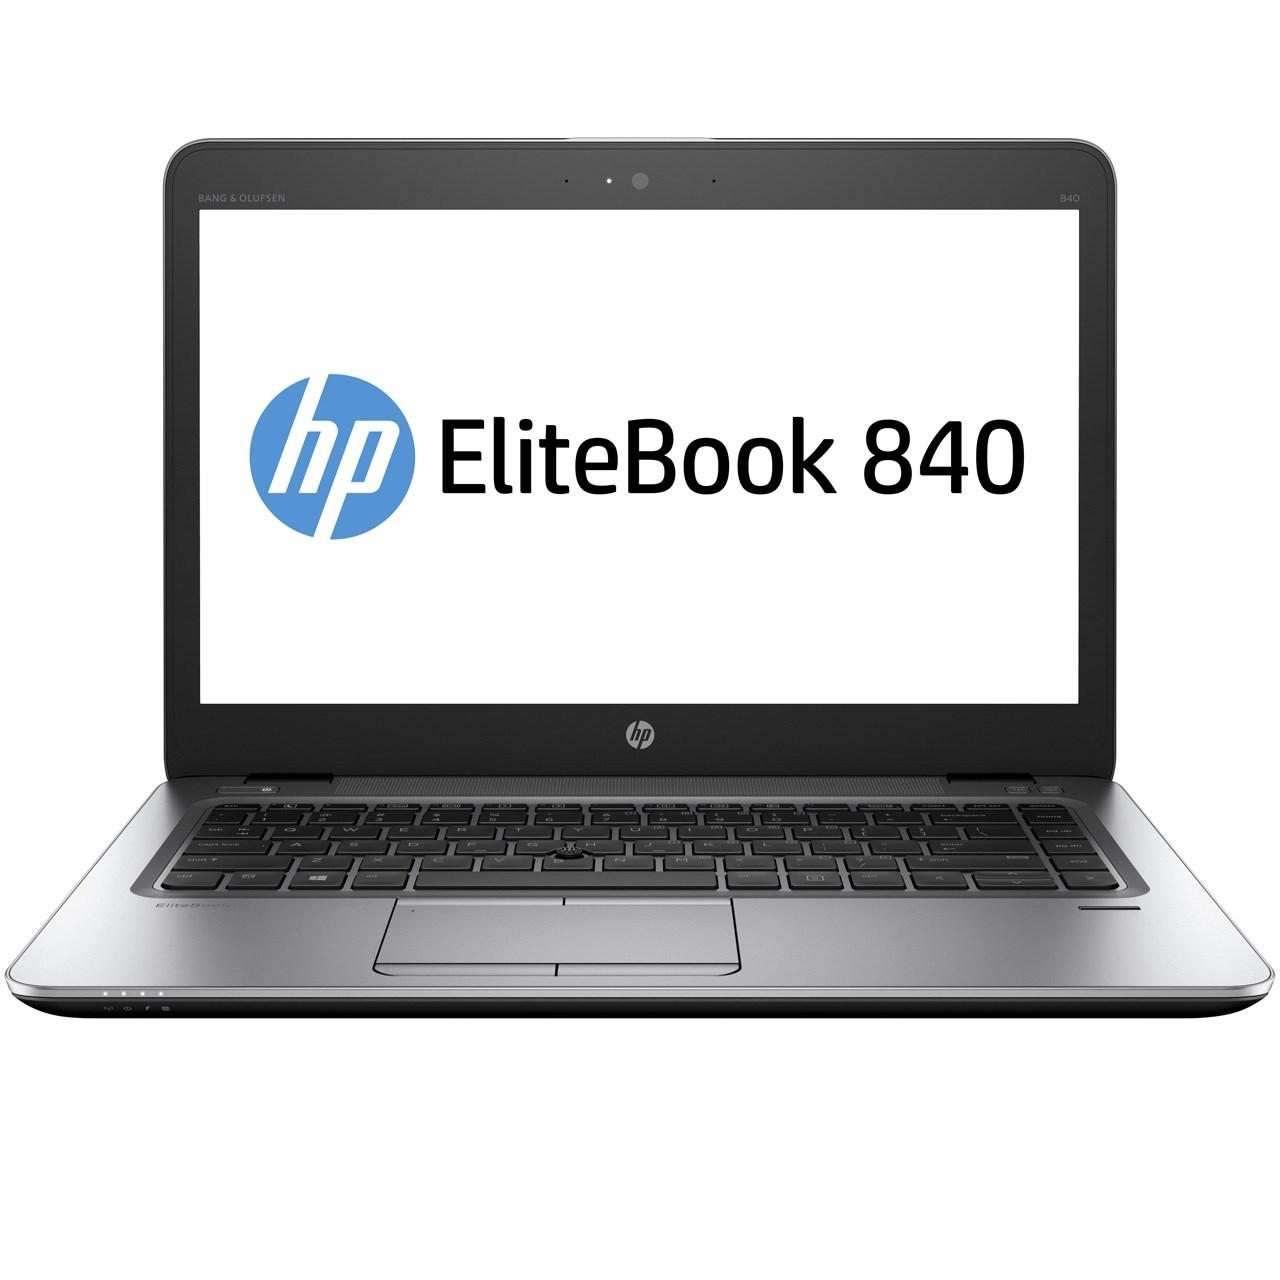 لپ تاپ 14 اینچی اچ پی مدل EliteBook 840 - A